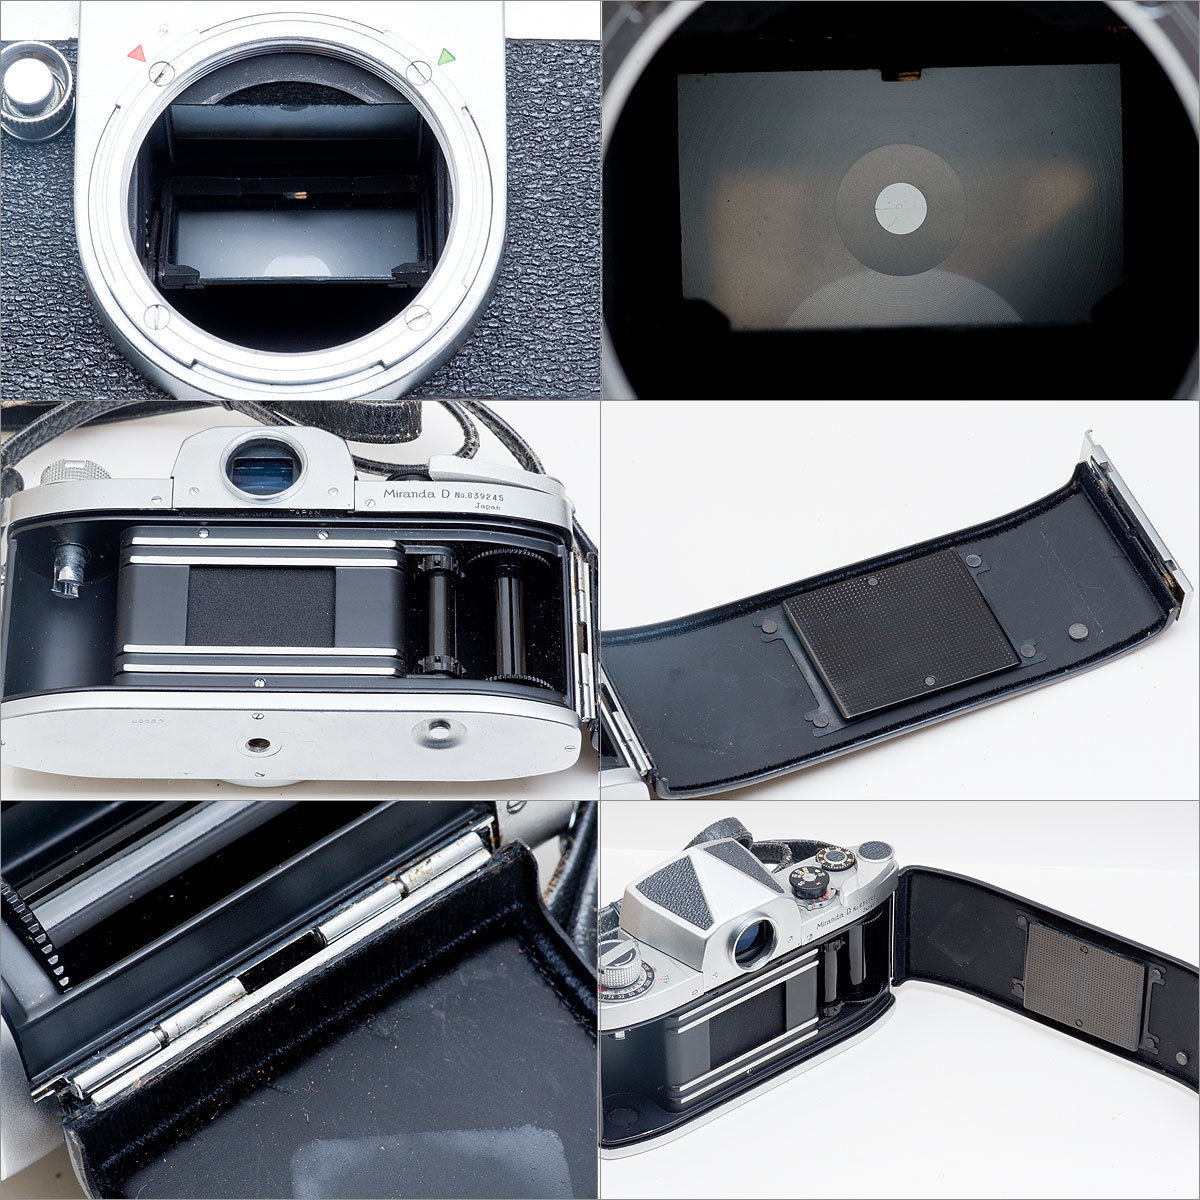 Miranda D Auto Miranda 1:2.8 f=3.5cm SOLIGOR TELEPHOTO 1:4.5 f=200mm _画像7